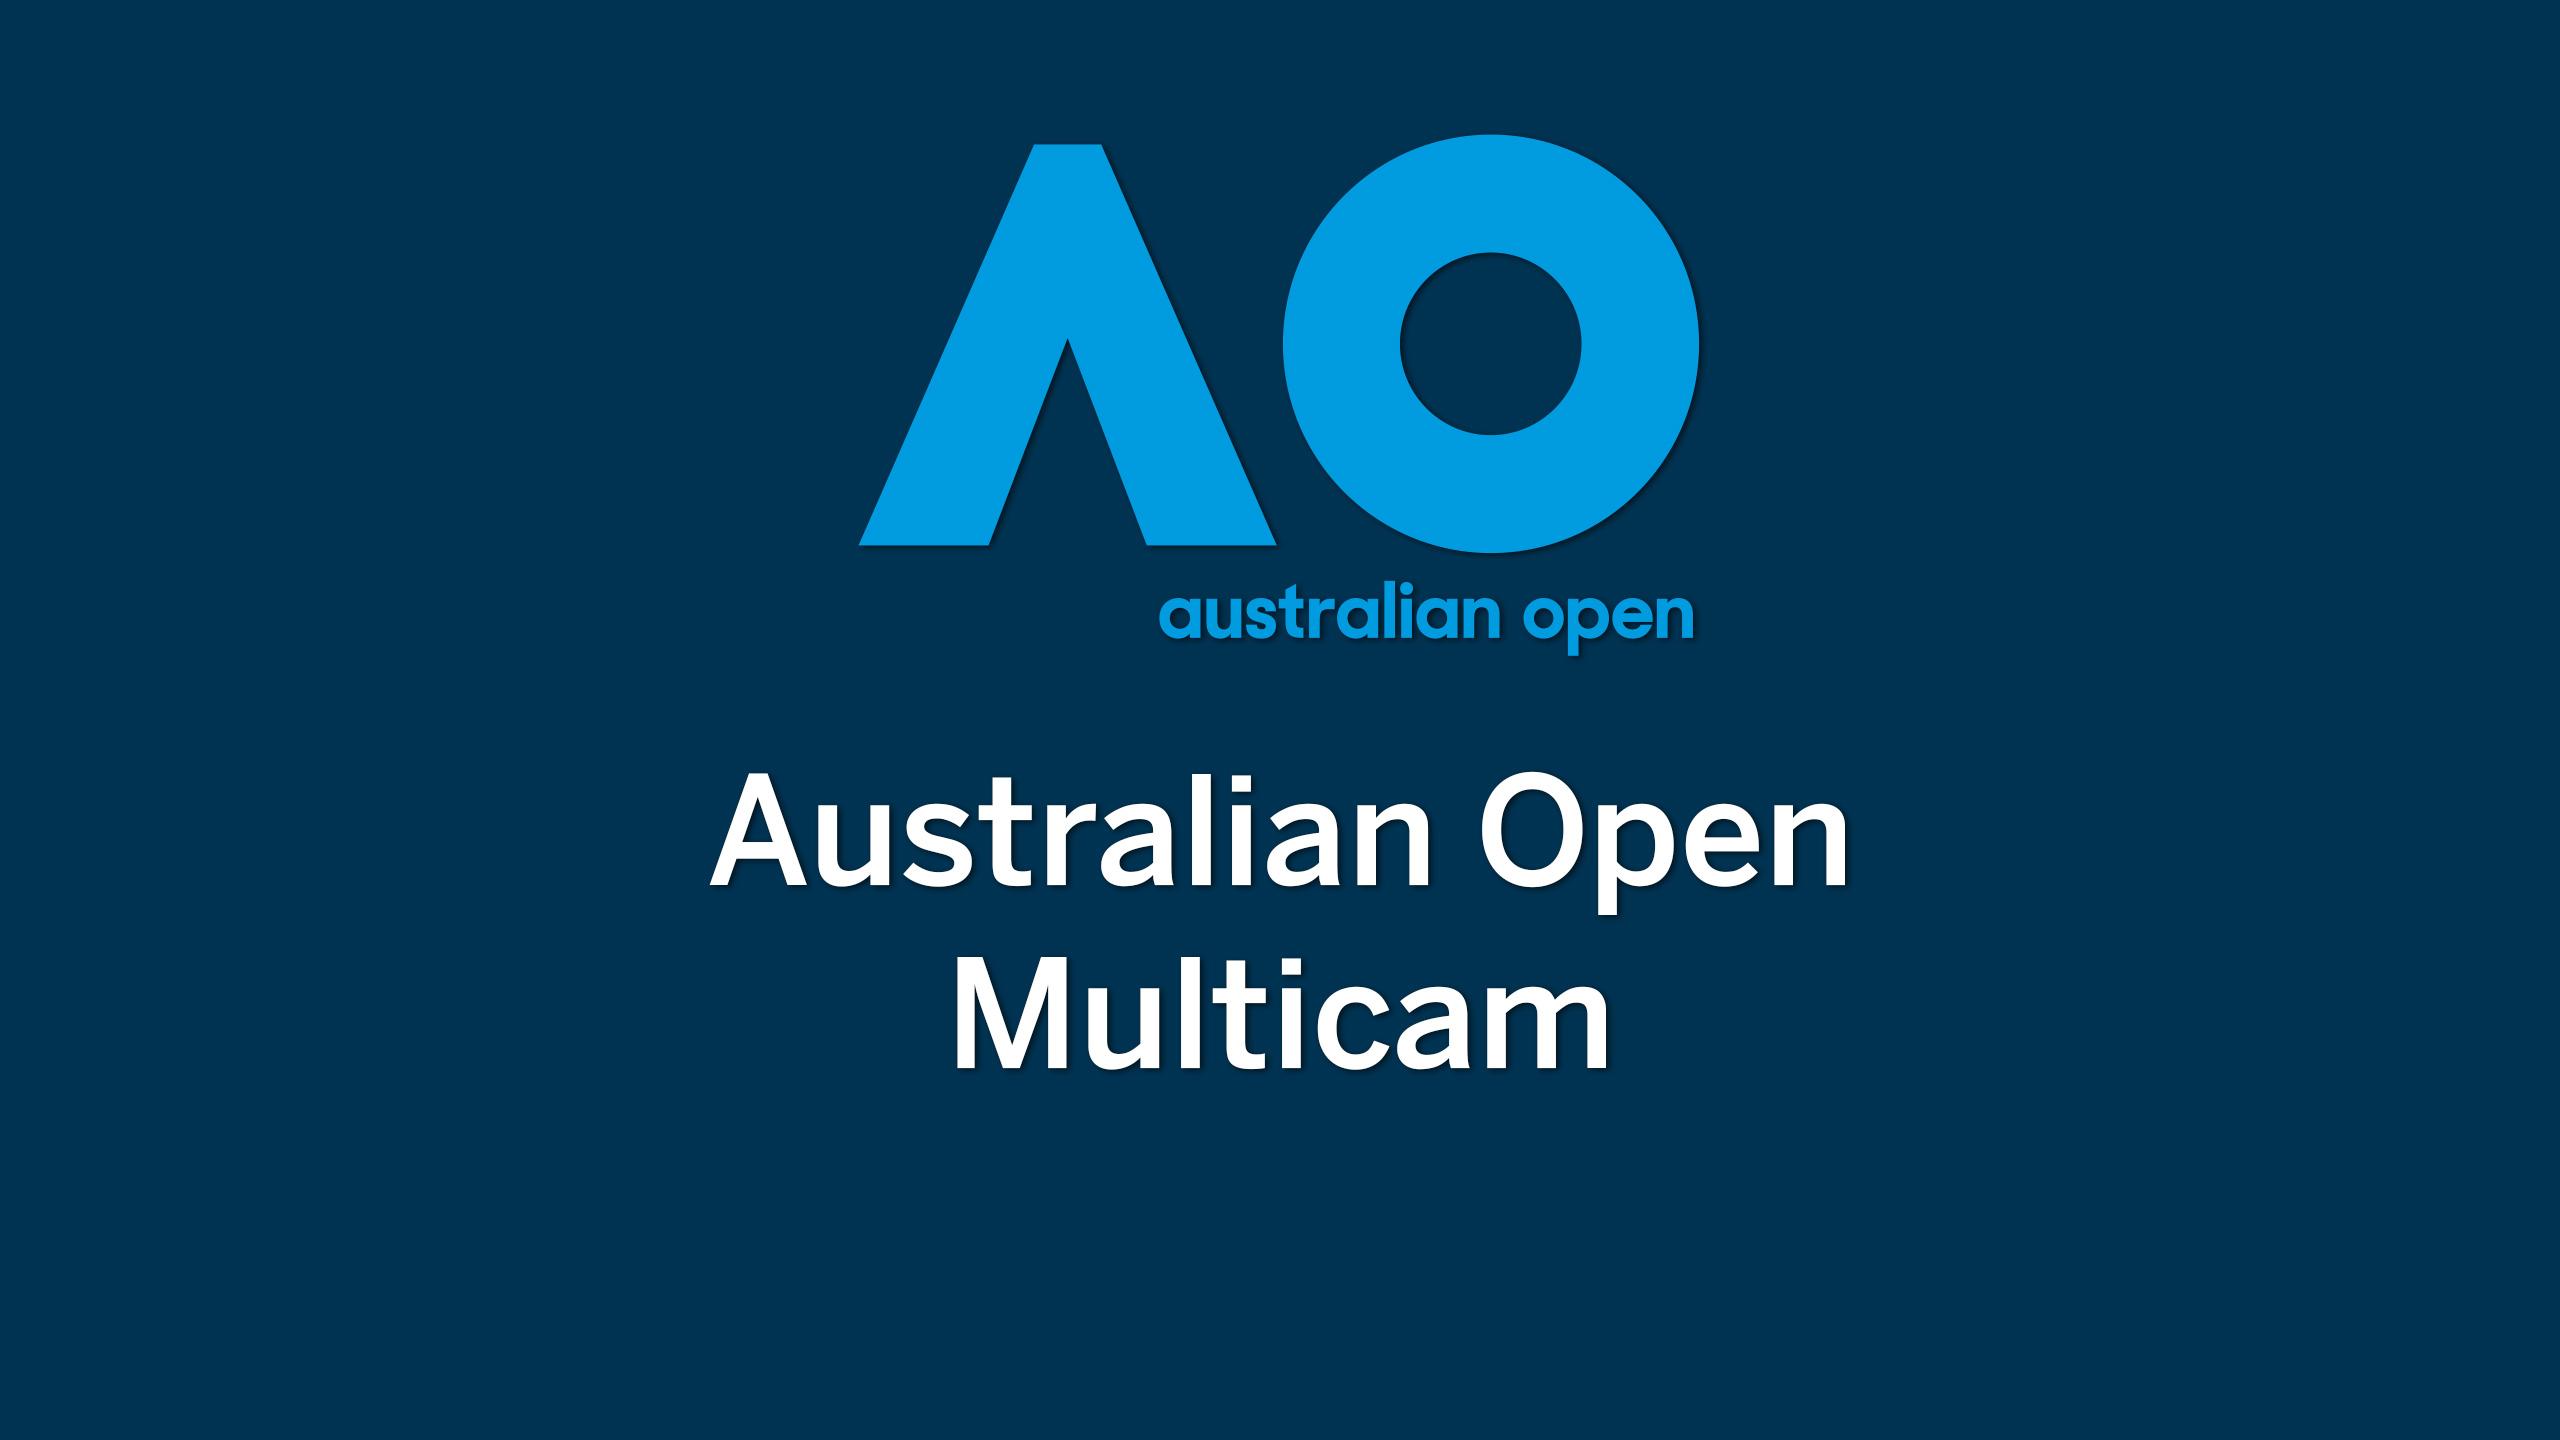 Australian Open Multicam